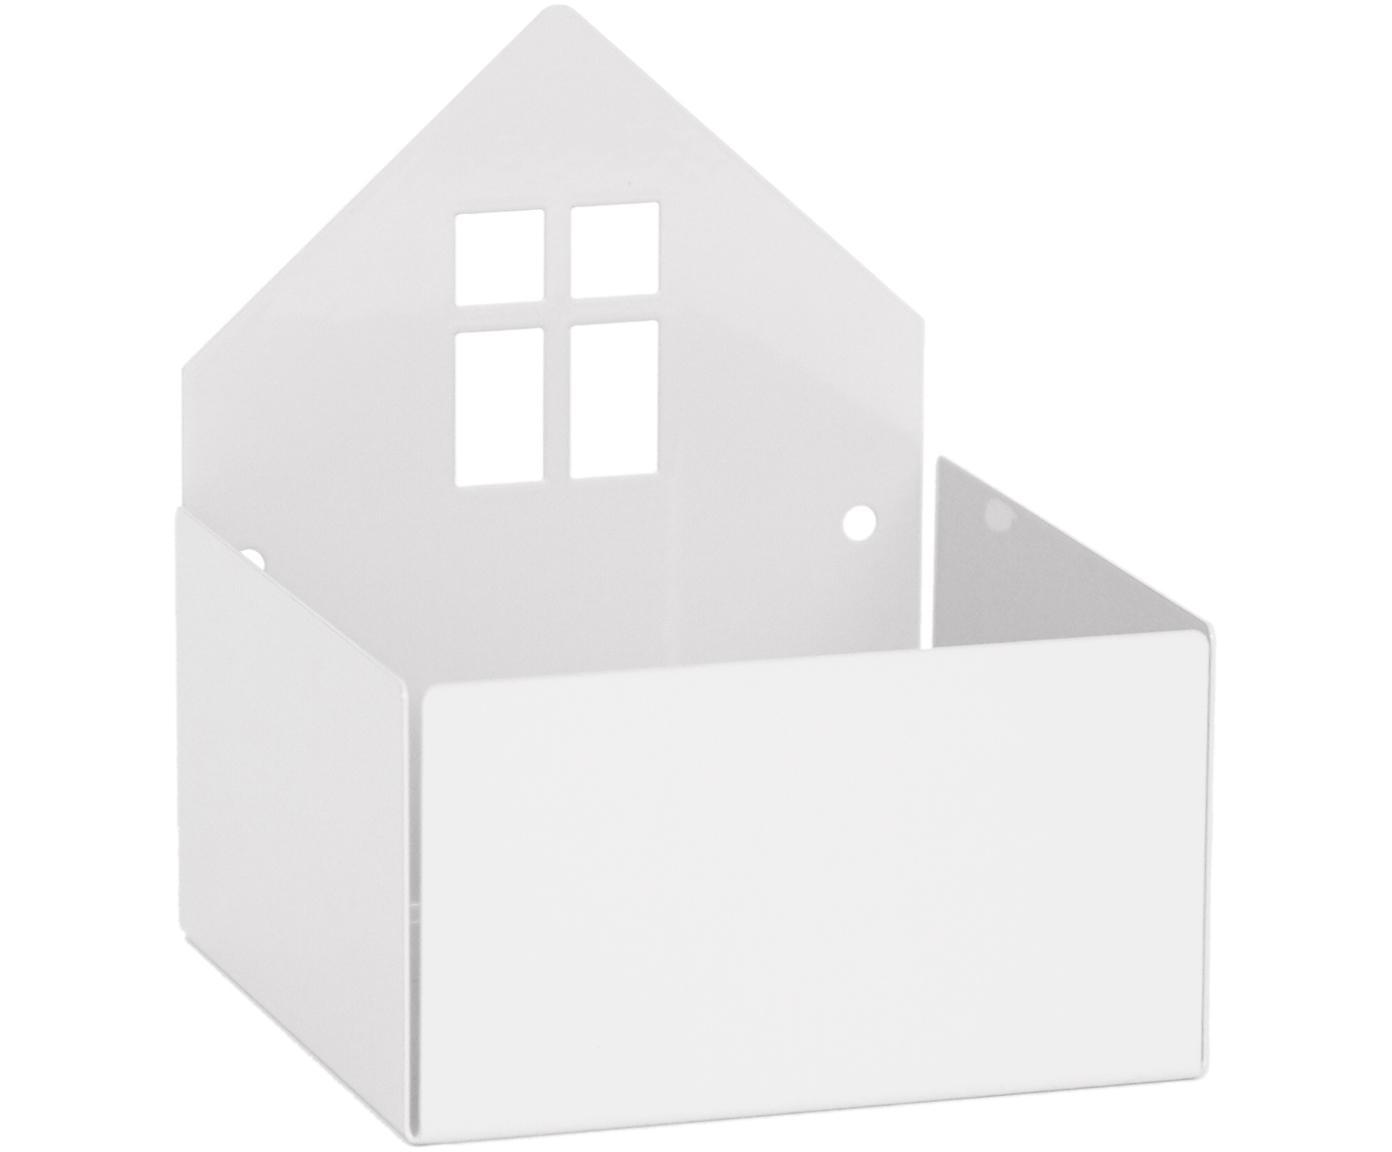 Pudełko do przechowywania Town House, Metal malowany proszkowo, Biały, S 11 x W 13 cm